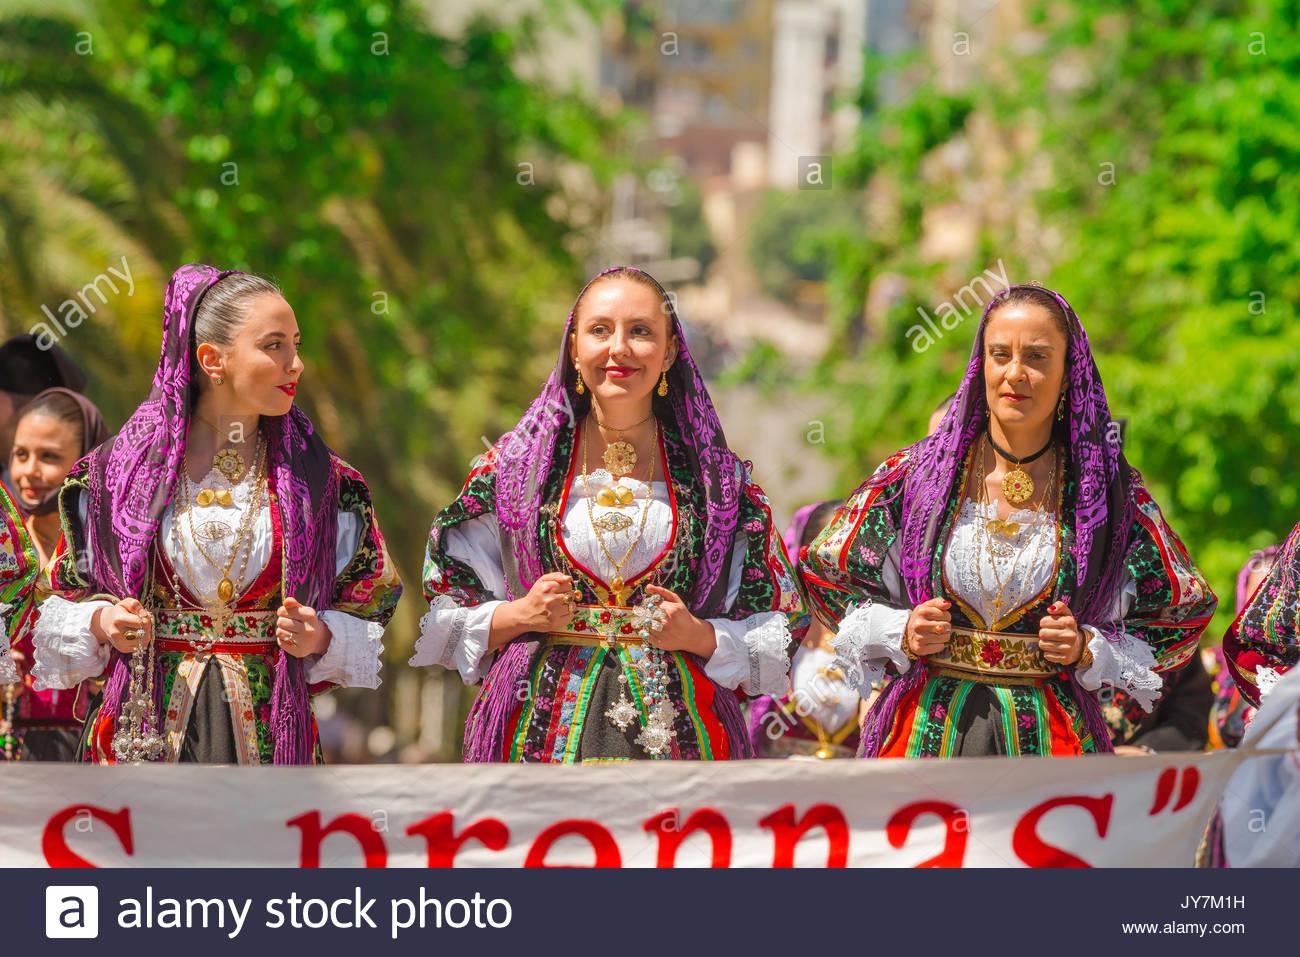 Sardinien Festival, Porträt von drei Frauen in der Tracht der während der Grand Parade der Cavalcata Sarda in Sassari, Sardinien gekleidet Stockbild